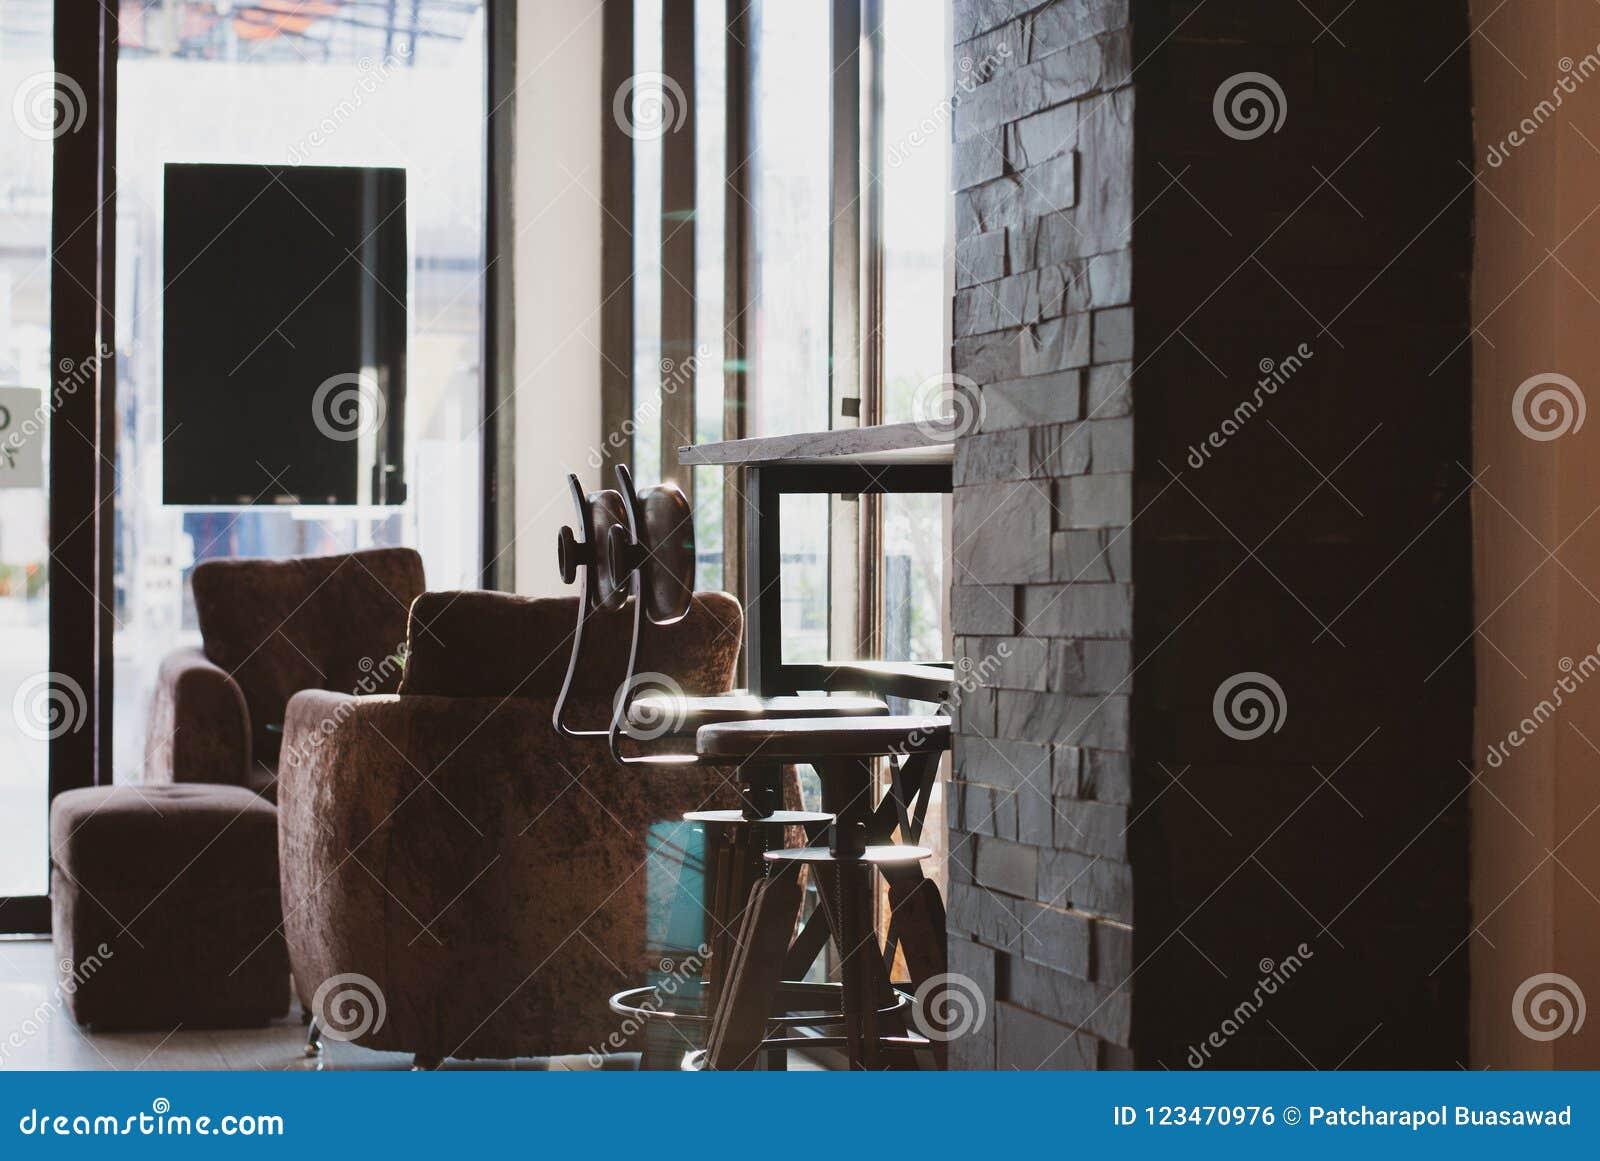 Deux swirly chaises d arbitre placées sous la table en bois de longue barre dans le lat